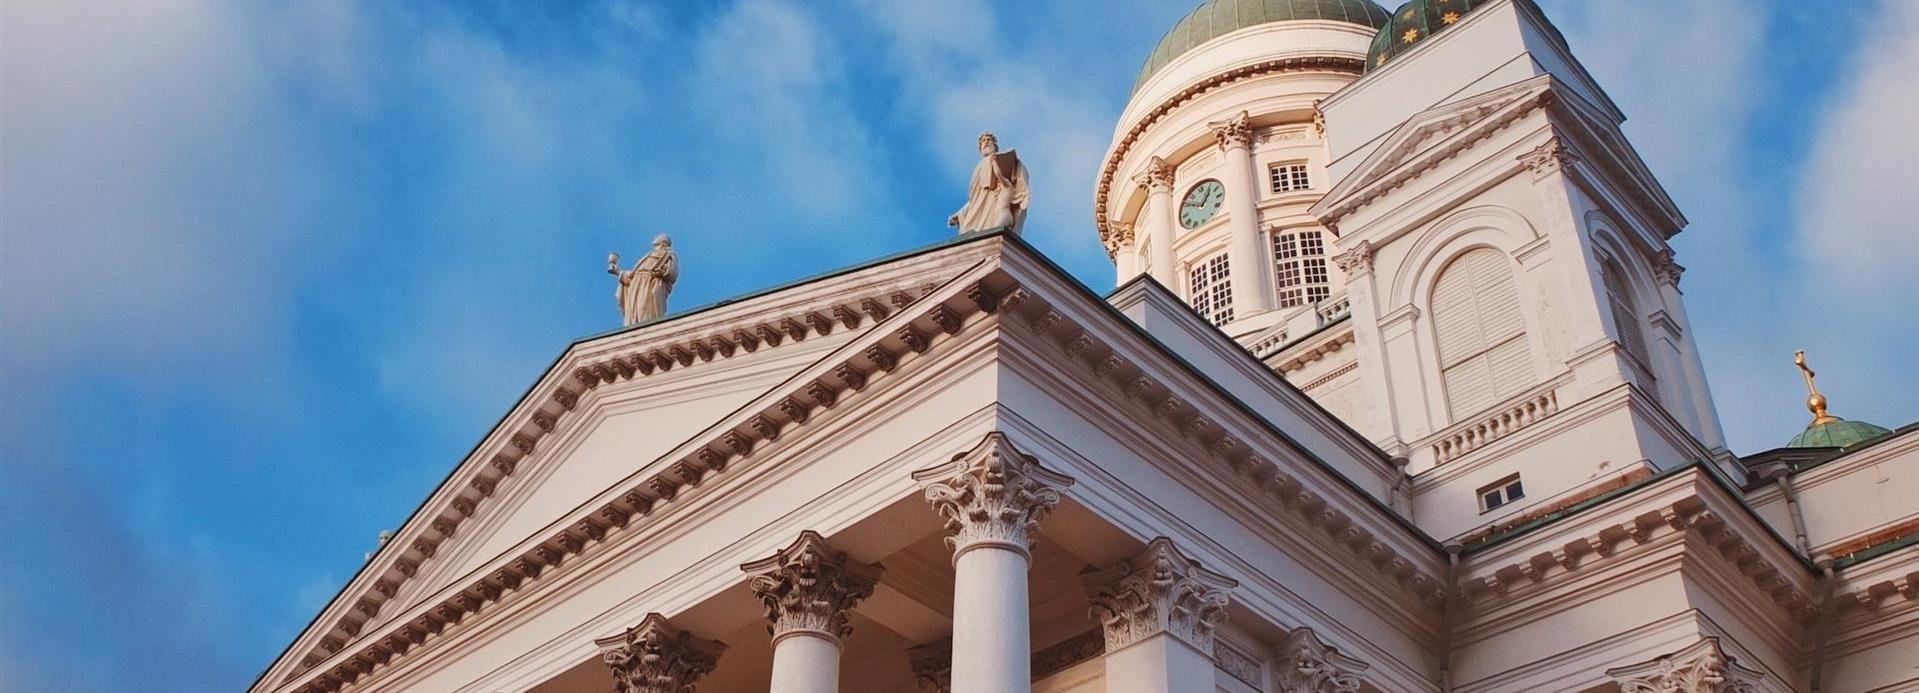 Helsinki: Highlights and Hidden Gems Walking Tour